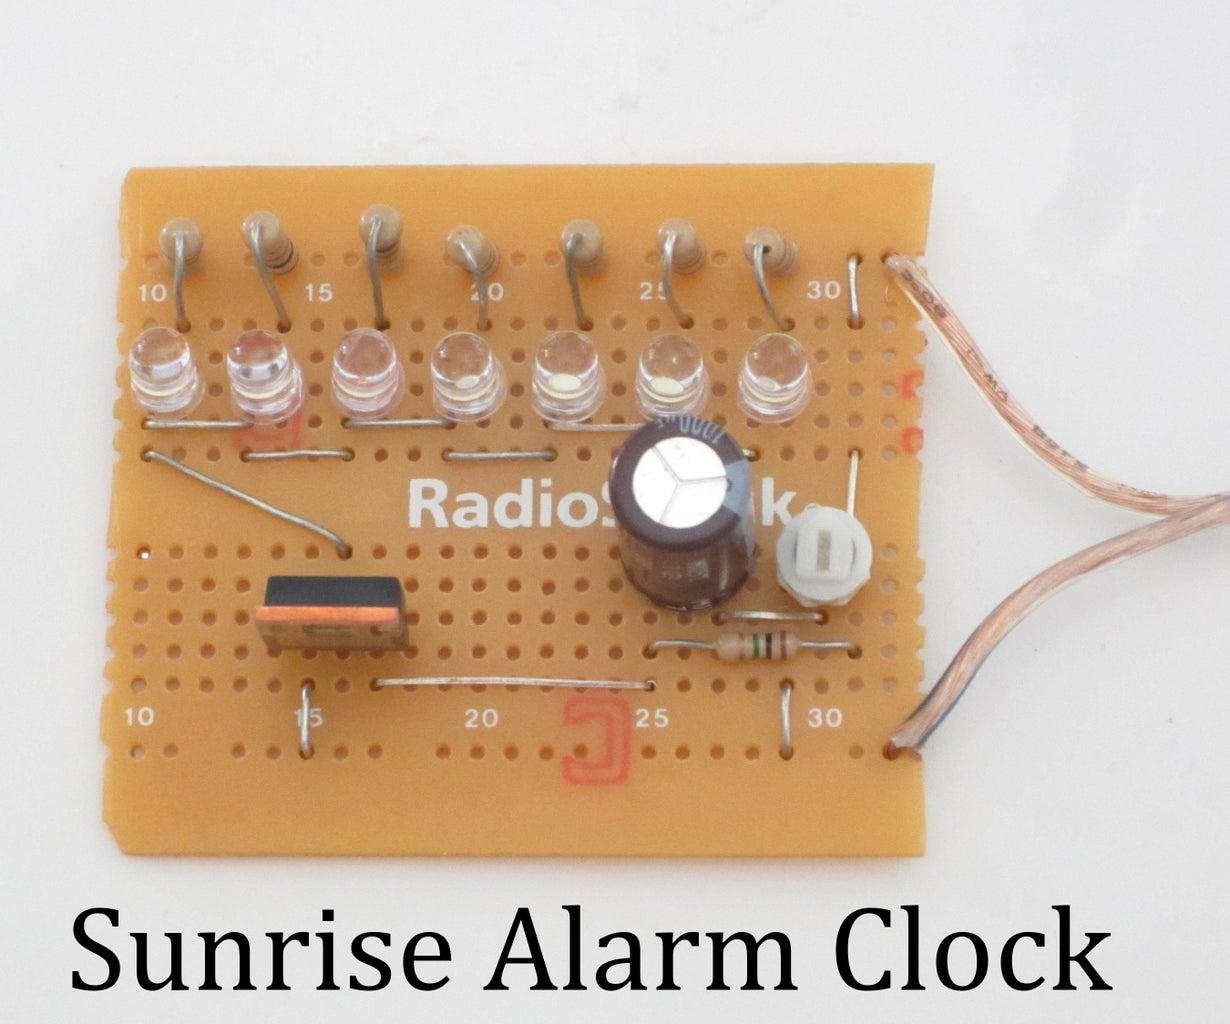 Sunrise Alarm Clock